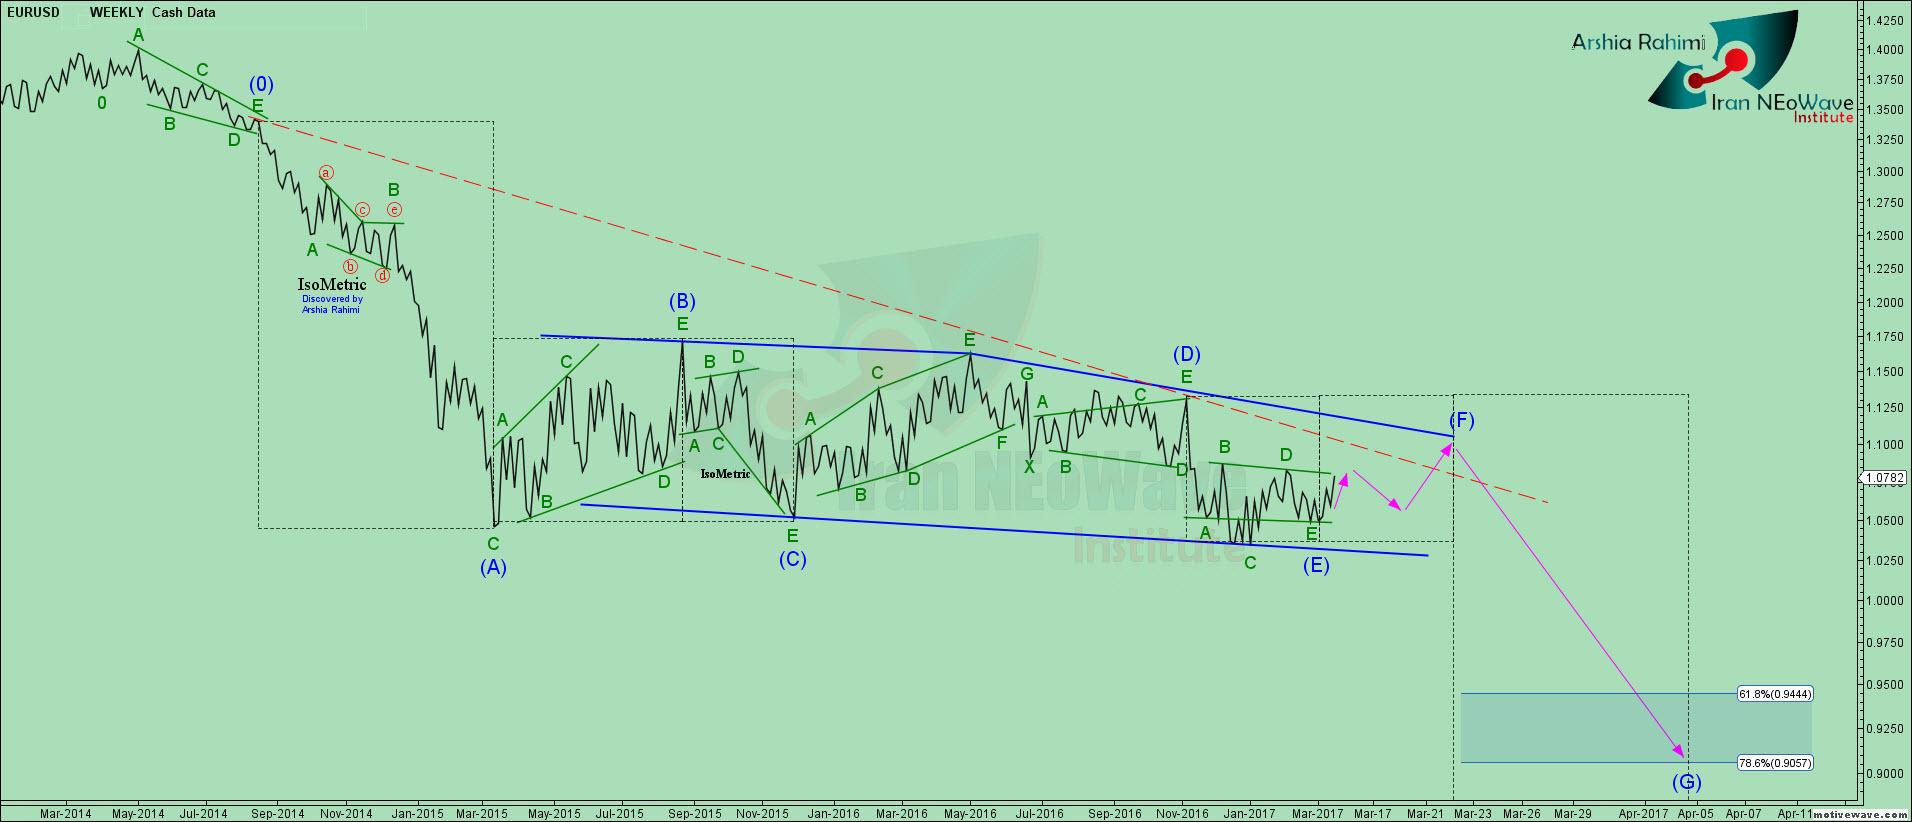 تحلیل یورو دلار شماره 20 به سبک نئوویو در کش دیتای هفتگی | EURUSD NEoWave Analysis 20